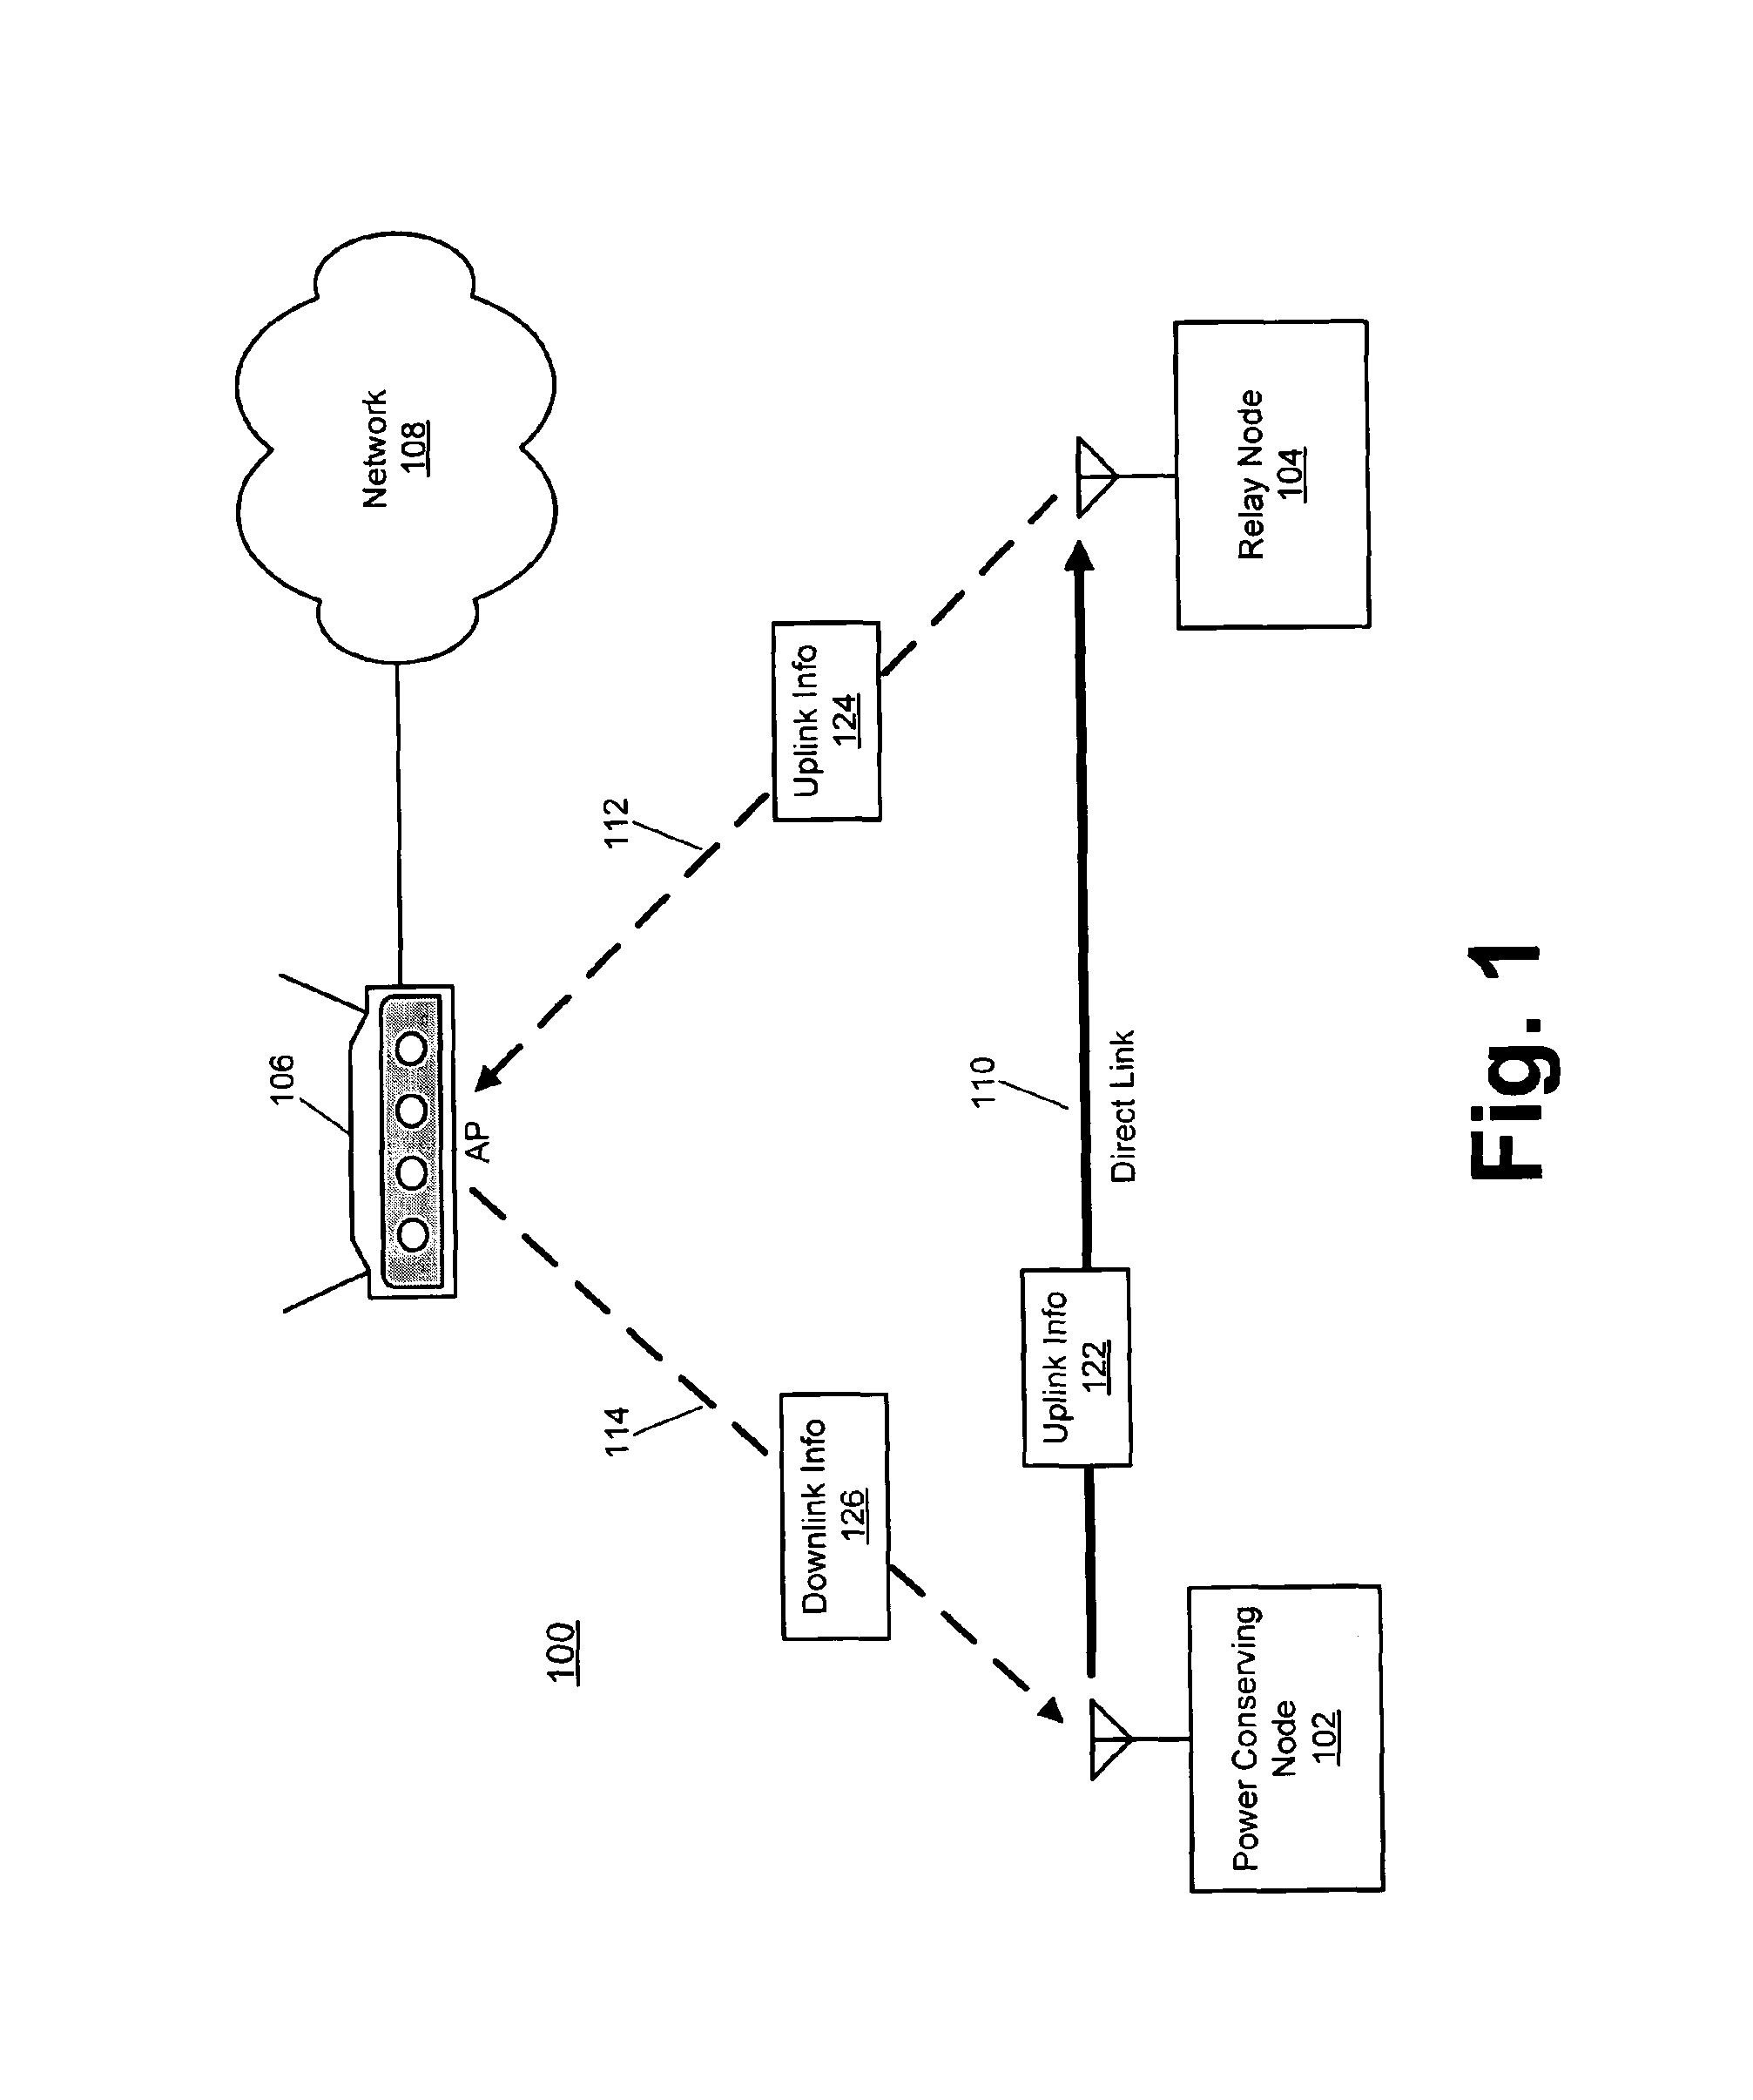 patent us8446933